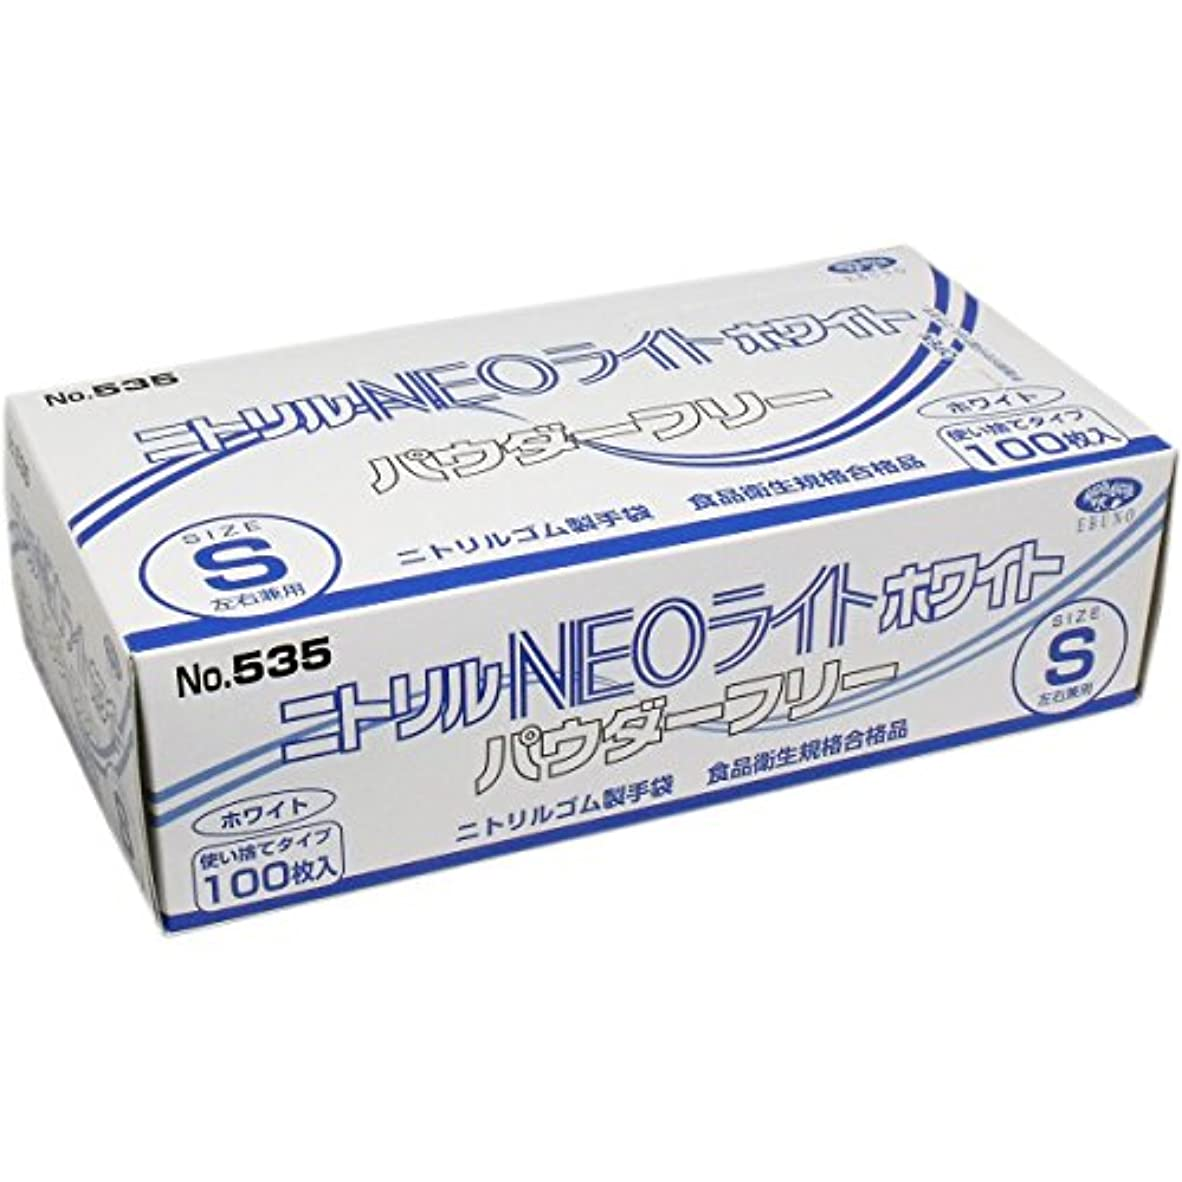 圧倒的雇用紛争ニトリル手袋 NEOライト パウダーフリー ホワイト Sサイズ 100枚入×10個セット